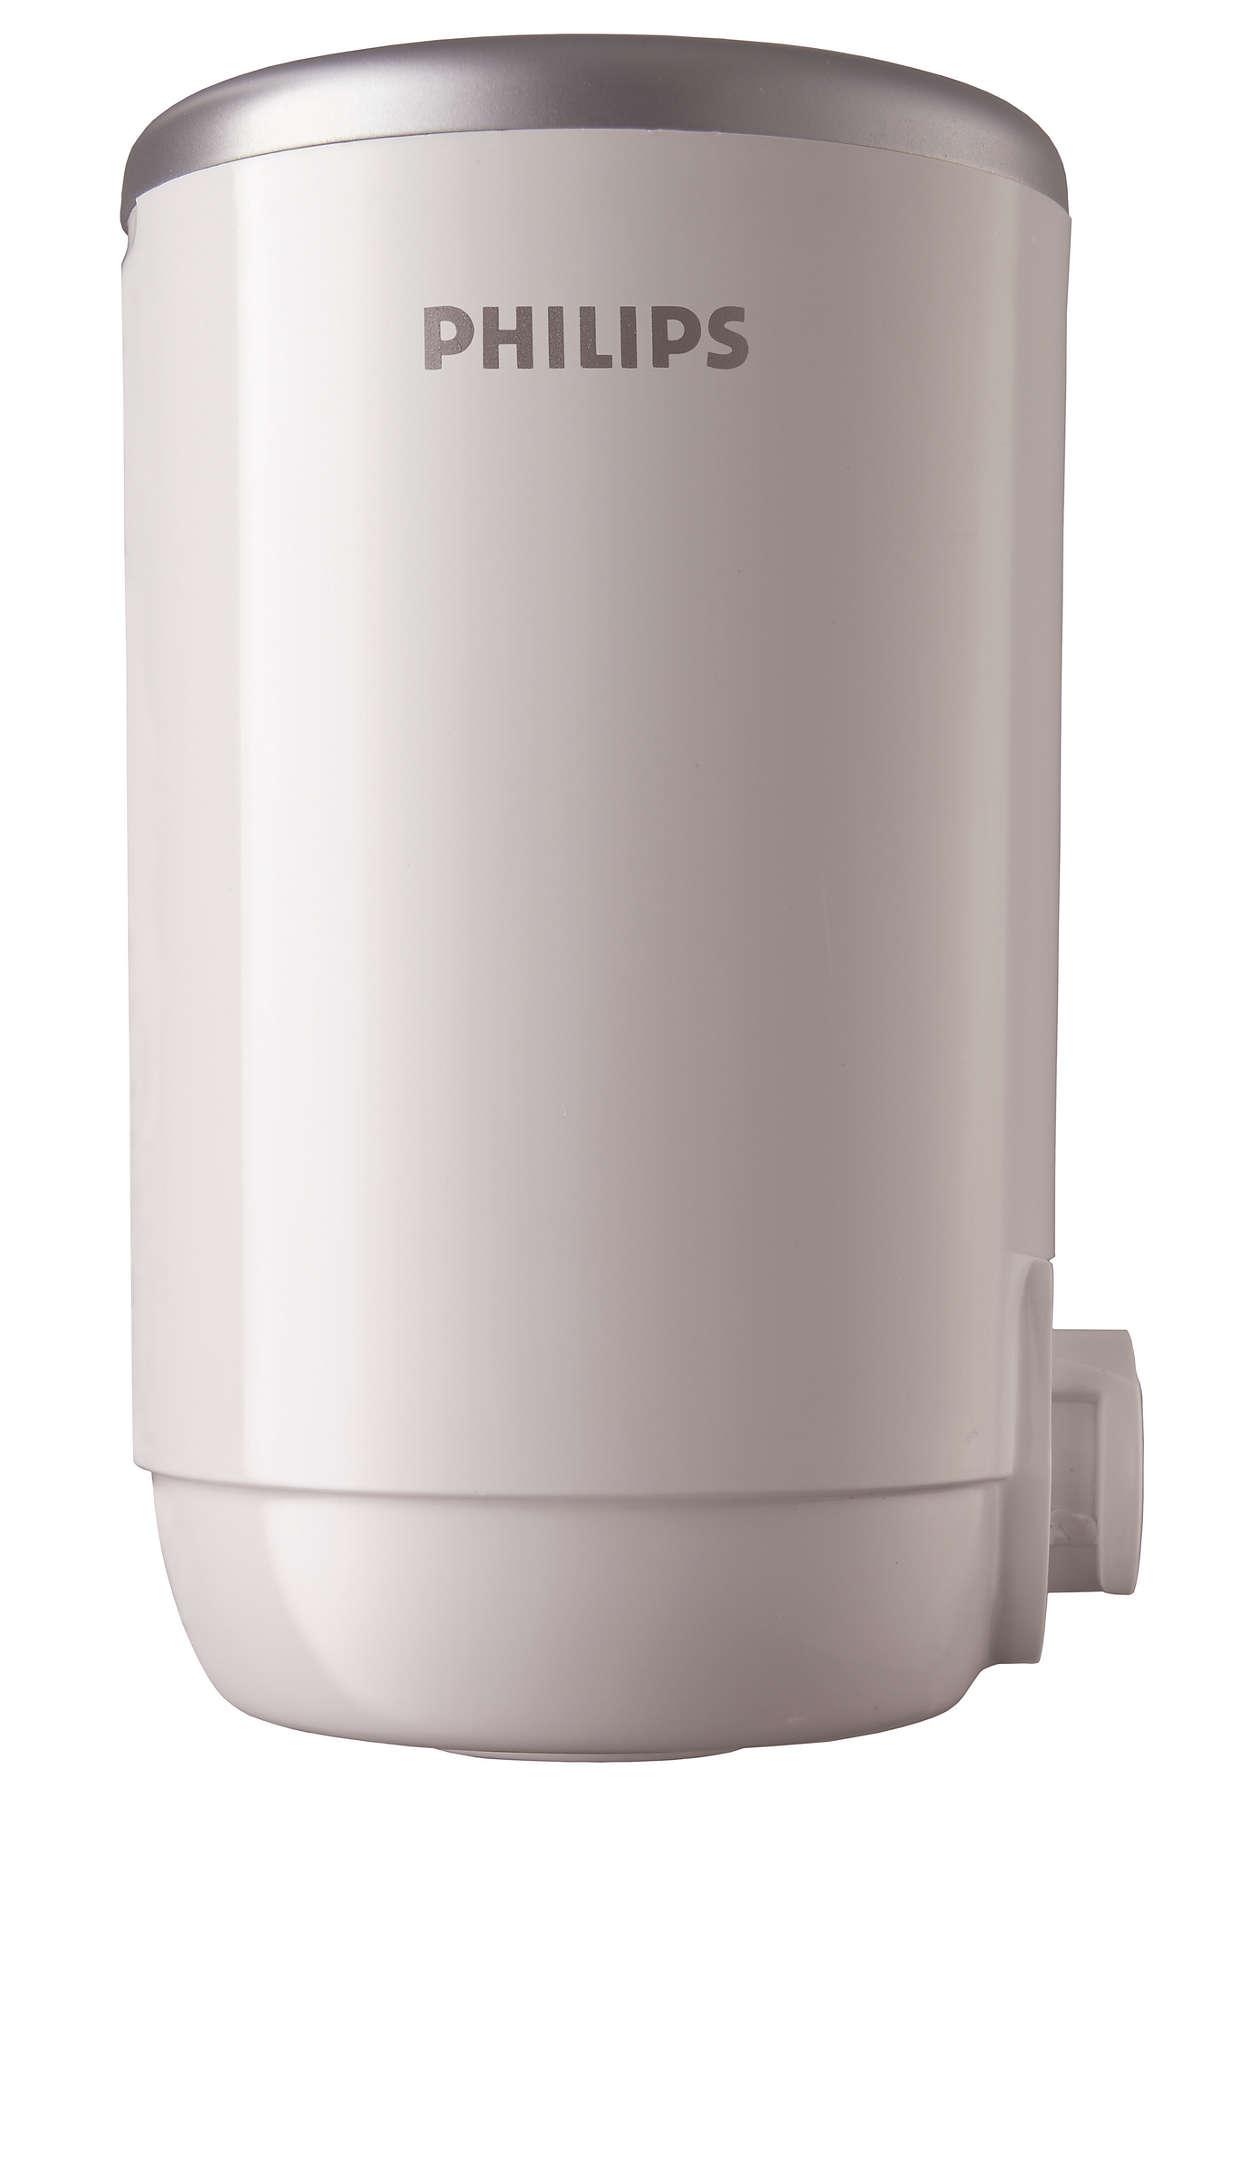 Čistá voda pripravená s ľahkosťou